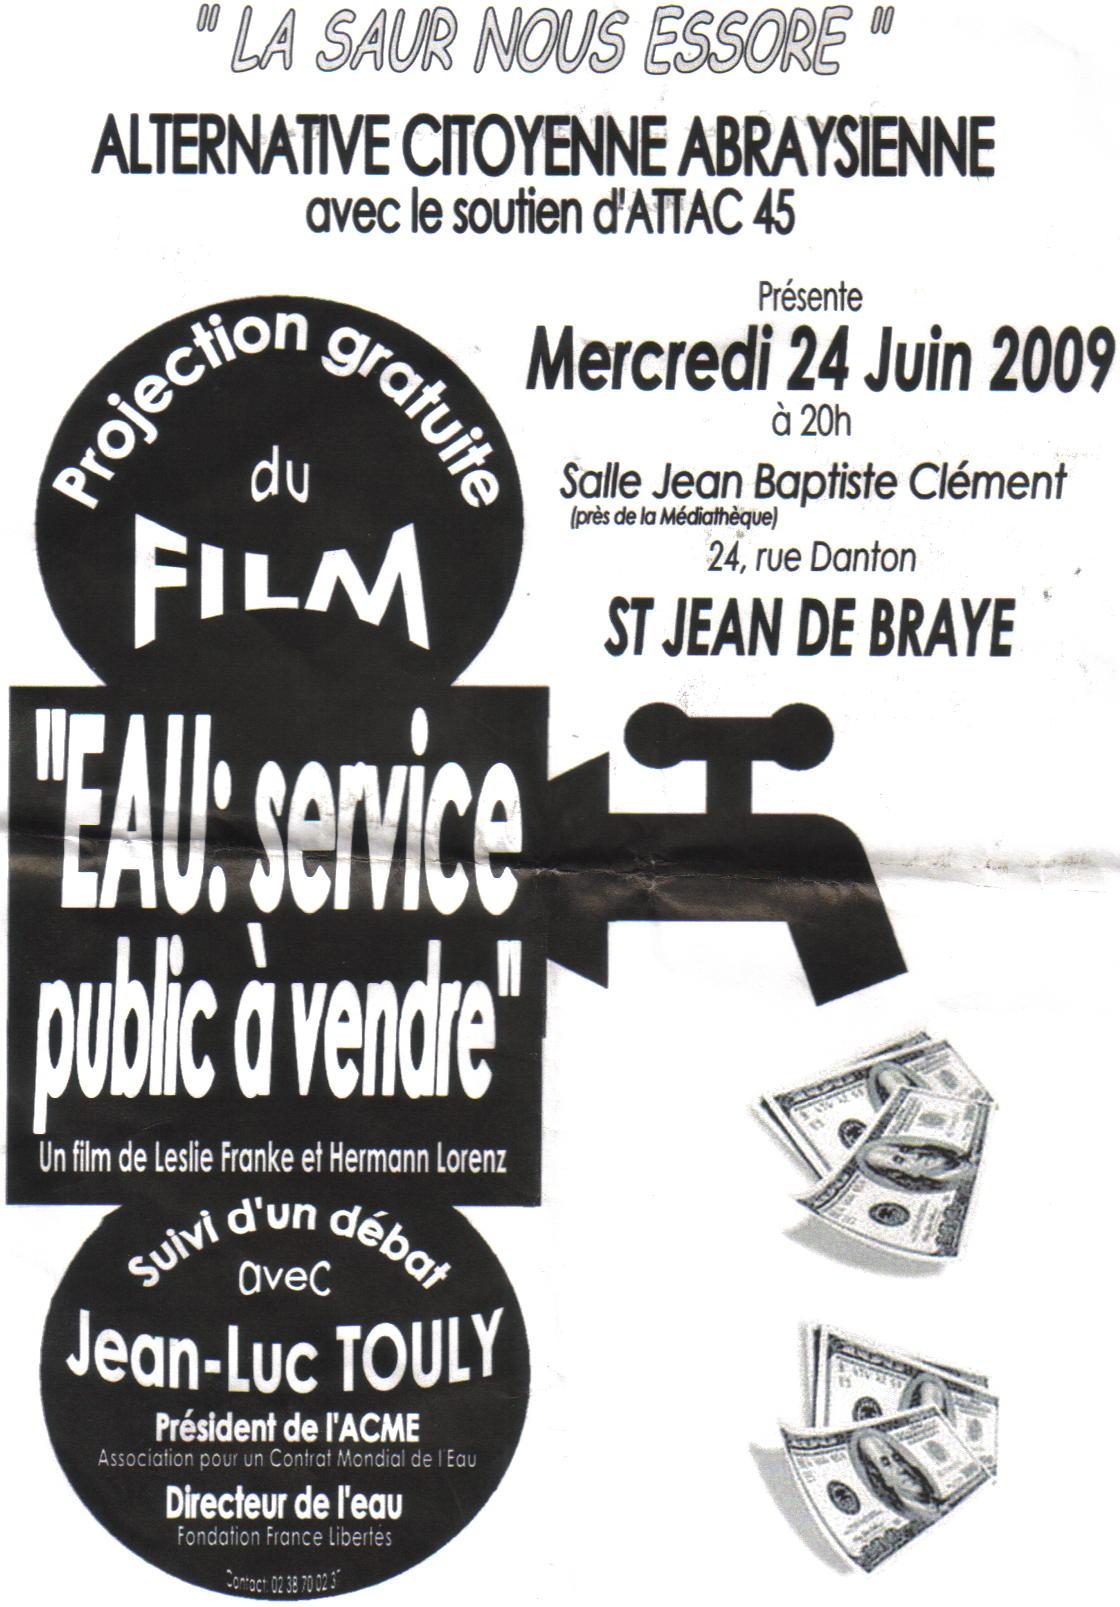 Saint Jean de Braye (Orléanais) : la SAUR nous essore débat le 24 juin précédé de la projection d'Eau : service public à vendre